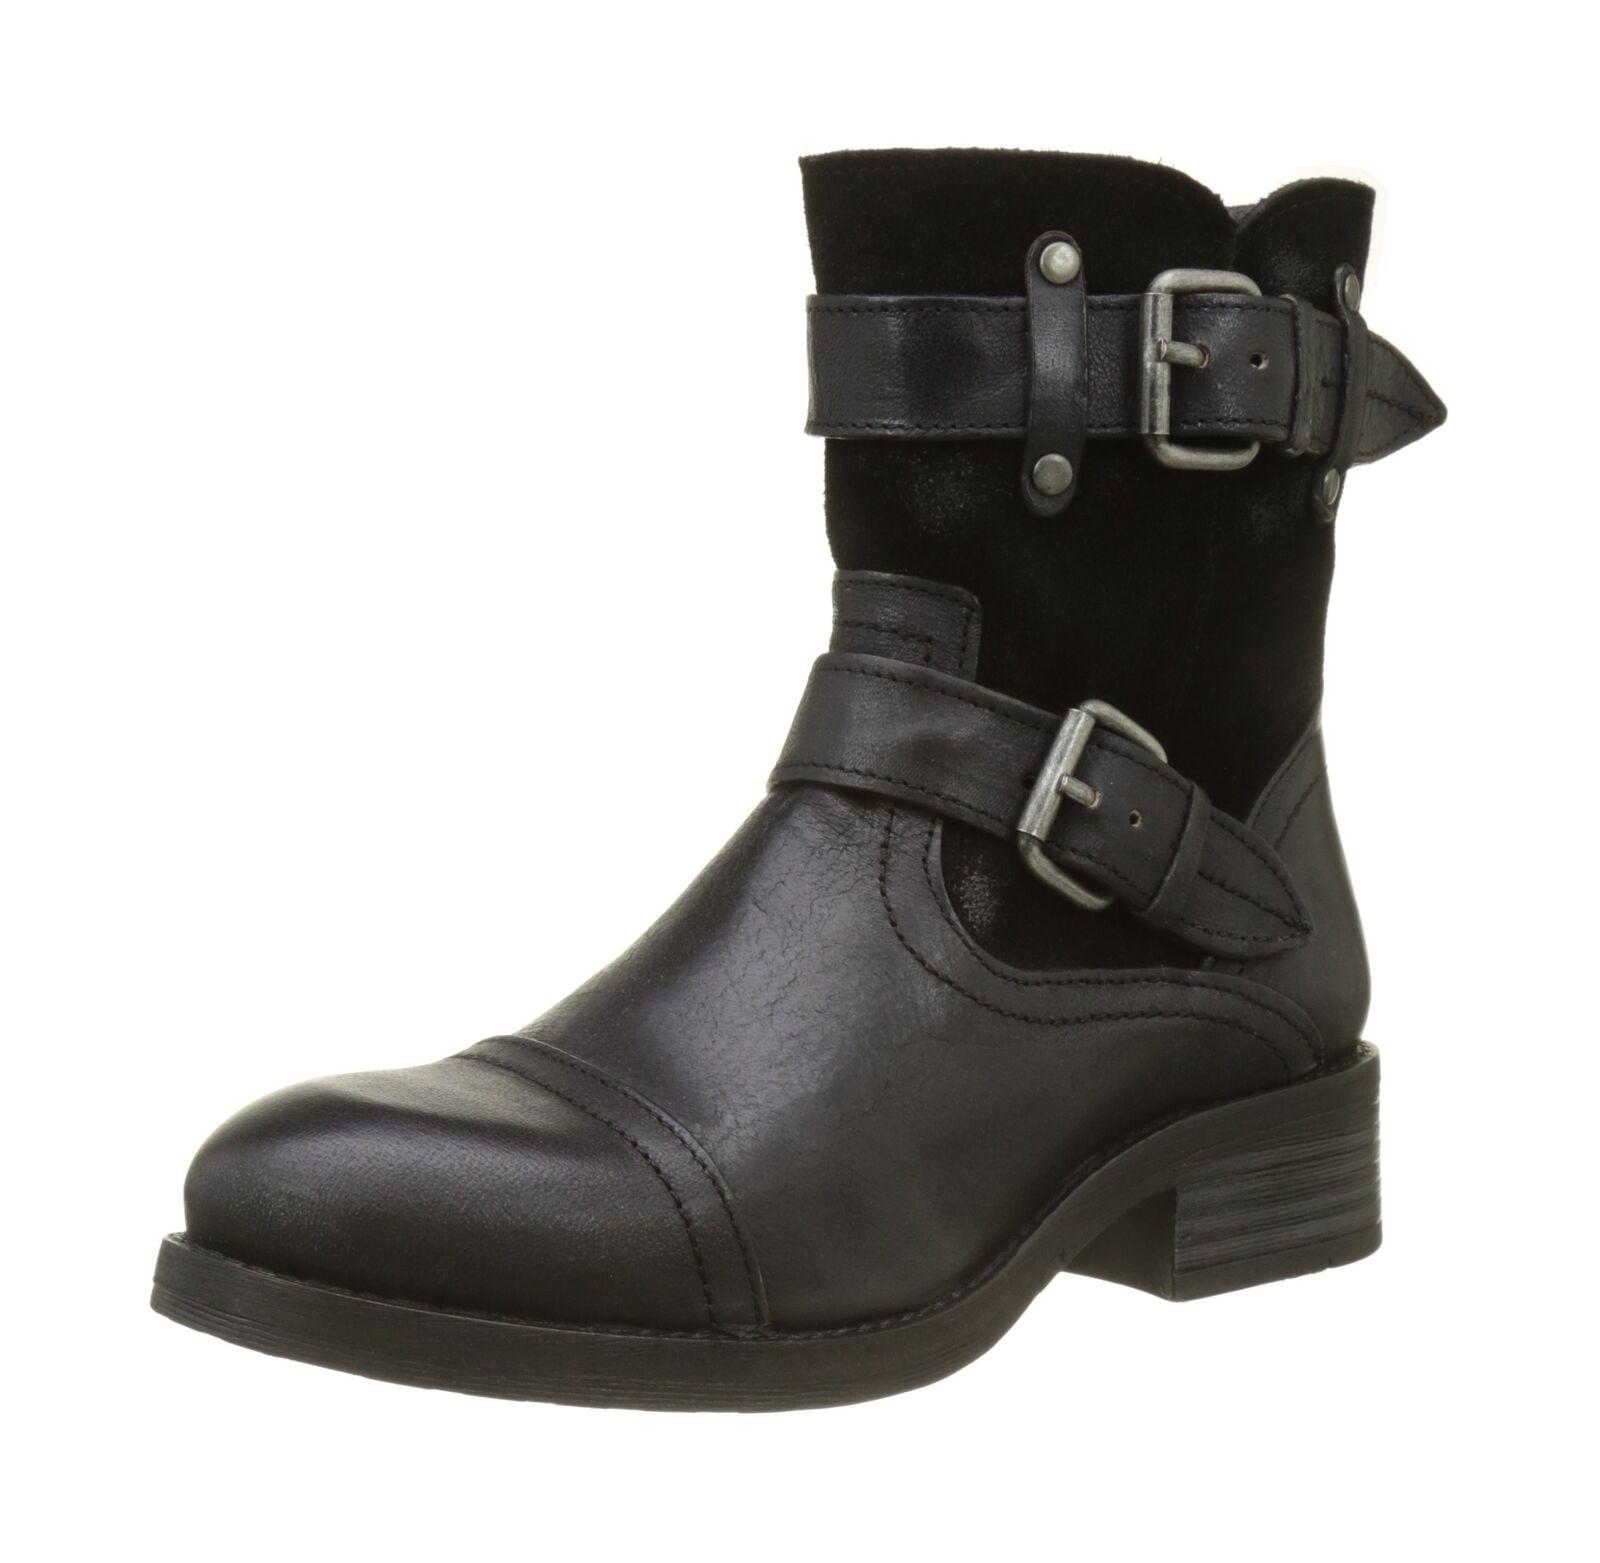 Grandes zapatos con descuento Buffalo London ES 30933 Jamata Suede, Womens Biker Boots Black (Preto 01 0)